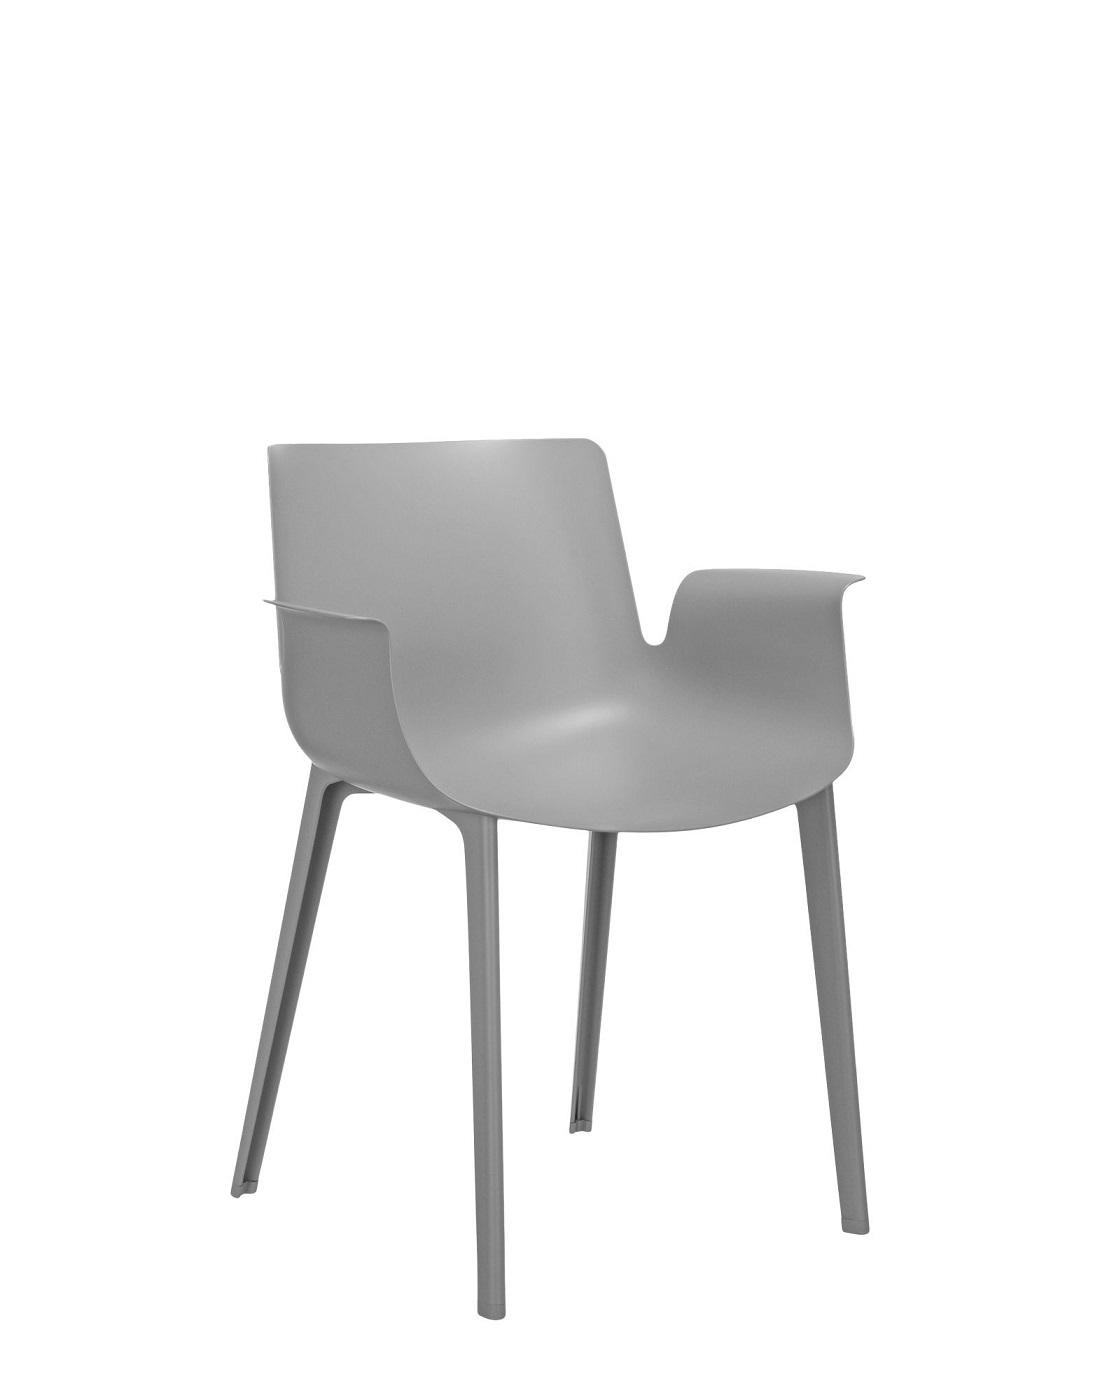 Sedia Piuma Kartell Grigio, Newformsdesign   Sedie Design ...